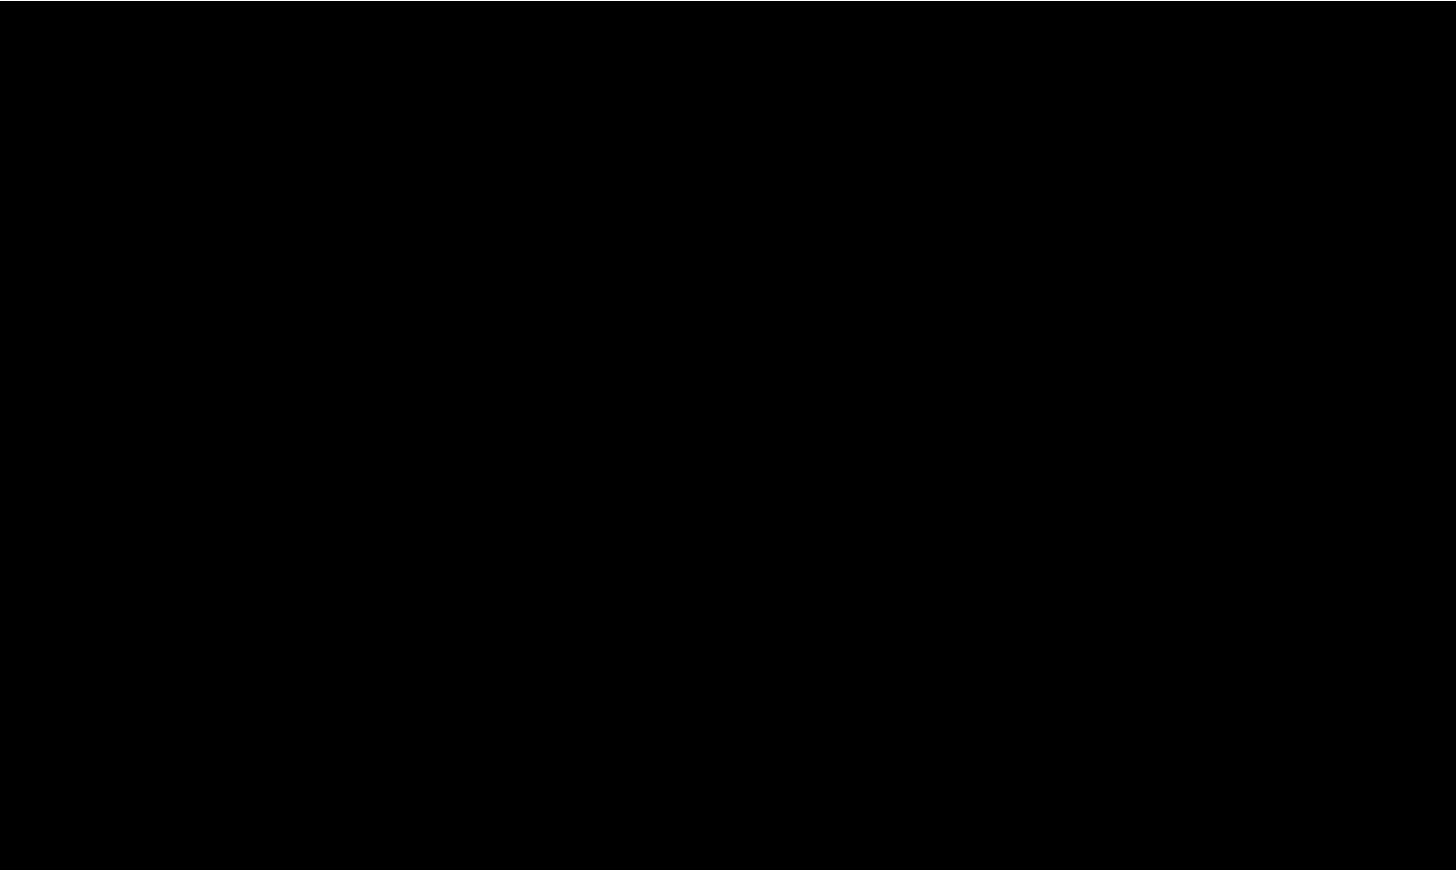 RIESLING - 2018 - trockenGläser hoch und angestoßen! Ein perfekter Begleiter füR Grillabende und gesellige Runden. Mit den Aromen von reifen, gelben Früchten und einem angenehmen Nachhhall ist dieser Riesling auch alsDurstlöscher in Schorlen genau der Richtige!